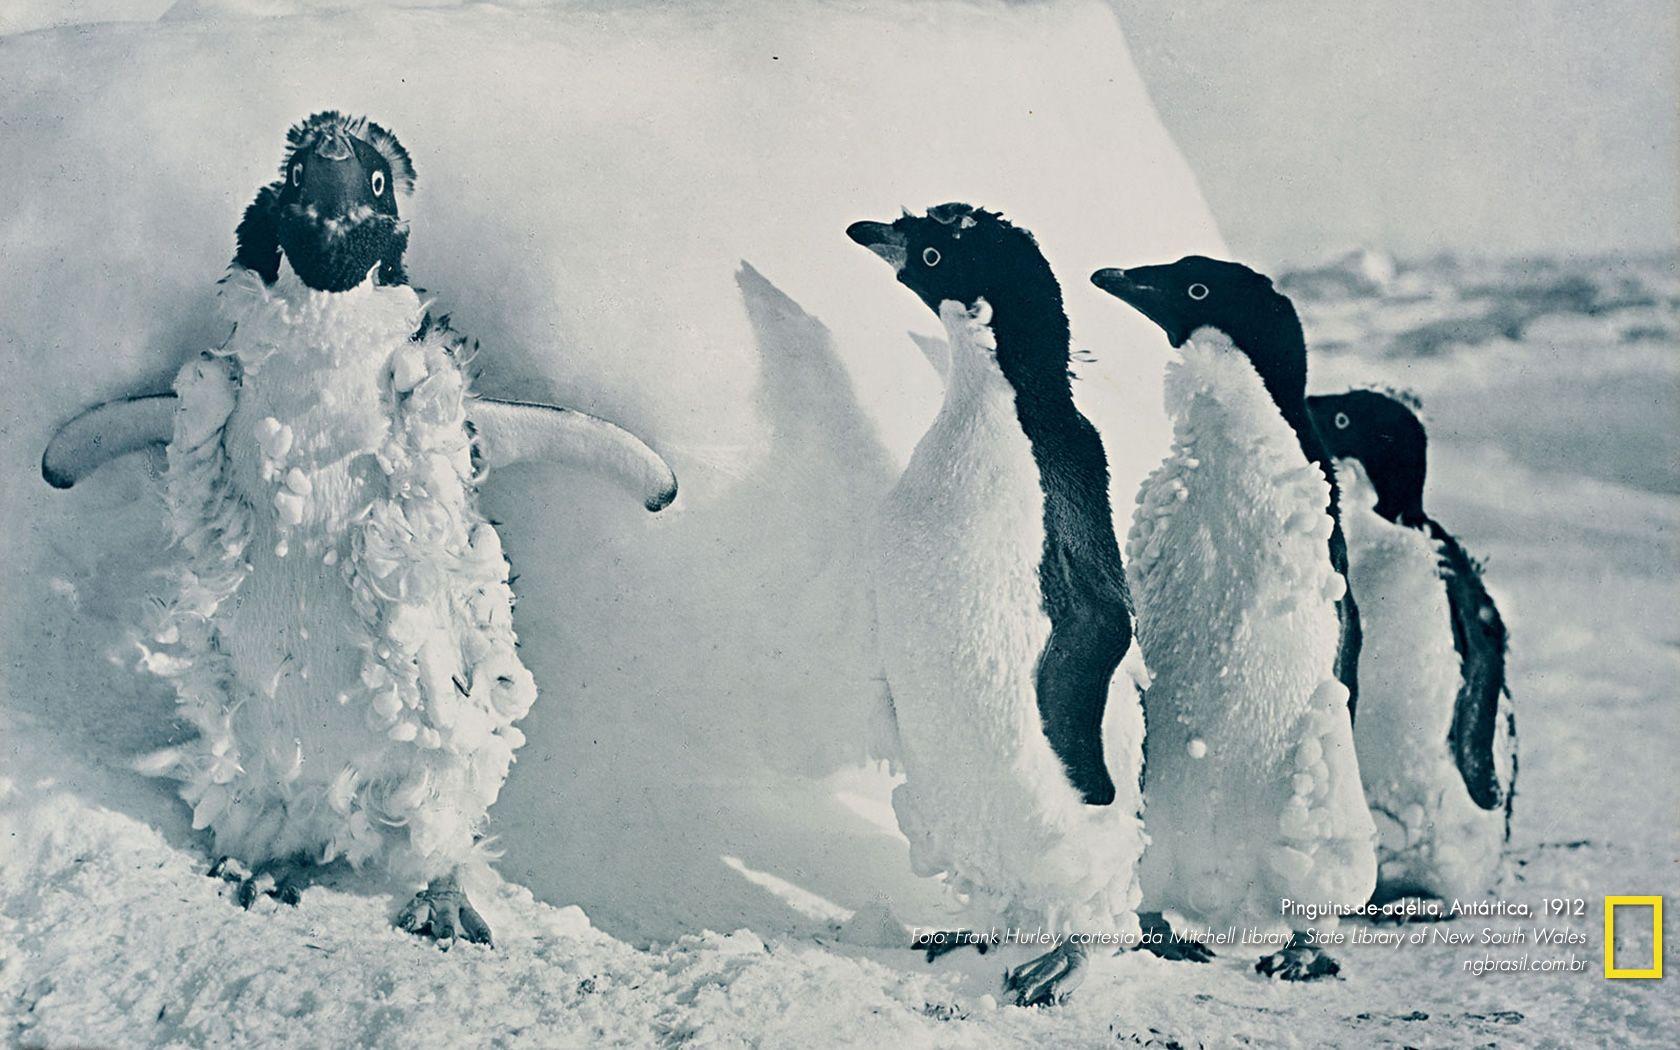 Pinguins-de-adélia registrados em 1912, na Antártica